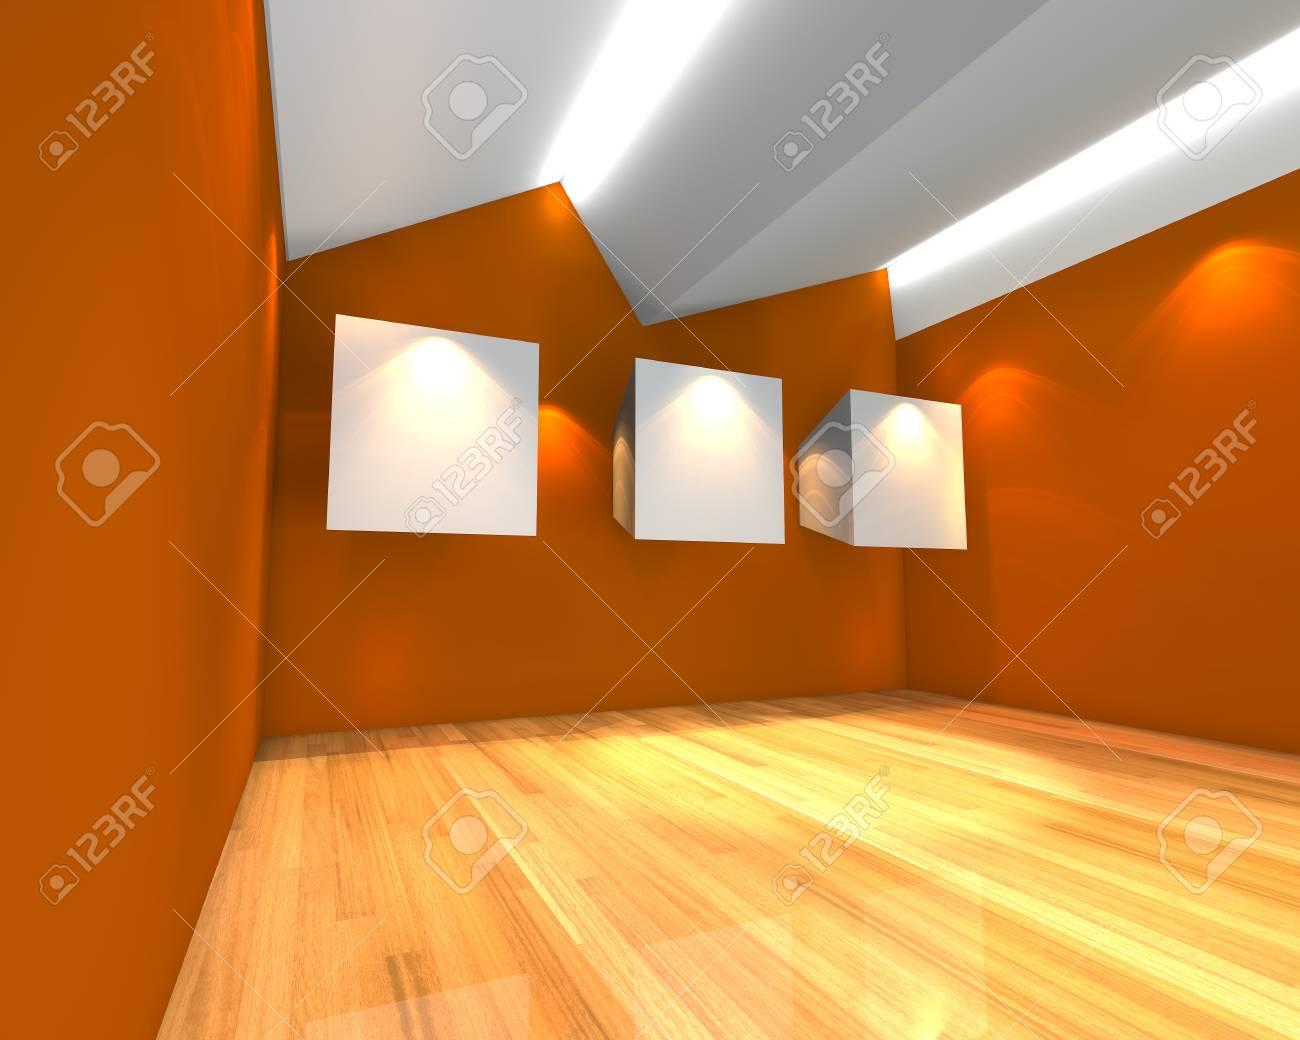 Superieur Banque Du0027images   Intérieur De La Chambre à Vide Avec Une Toile Blanche Sur  Le Mur Orange Dans La Galerie